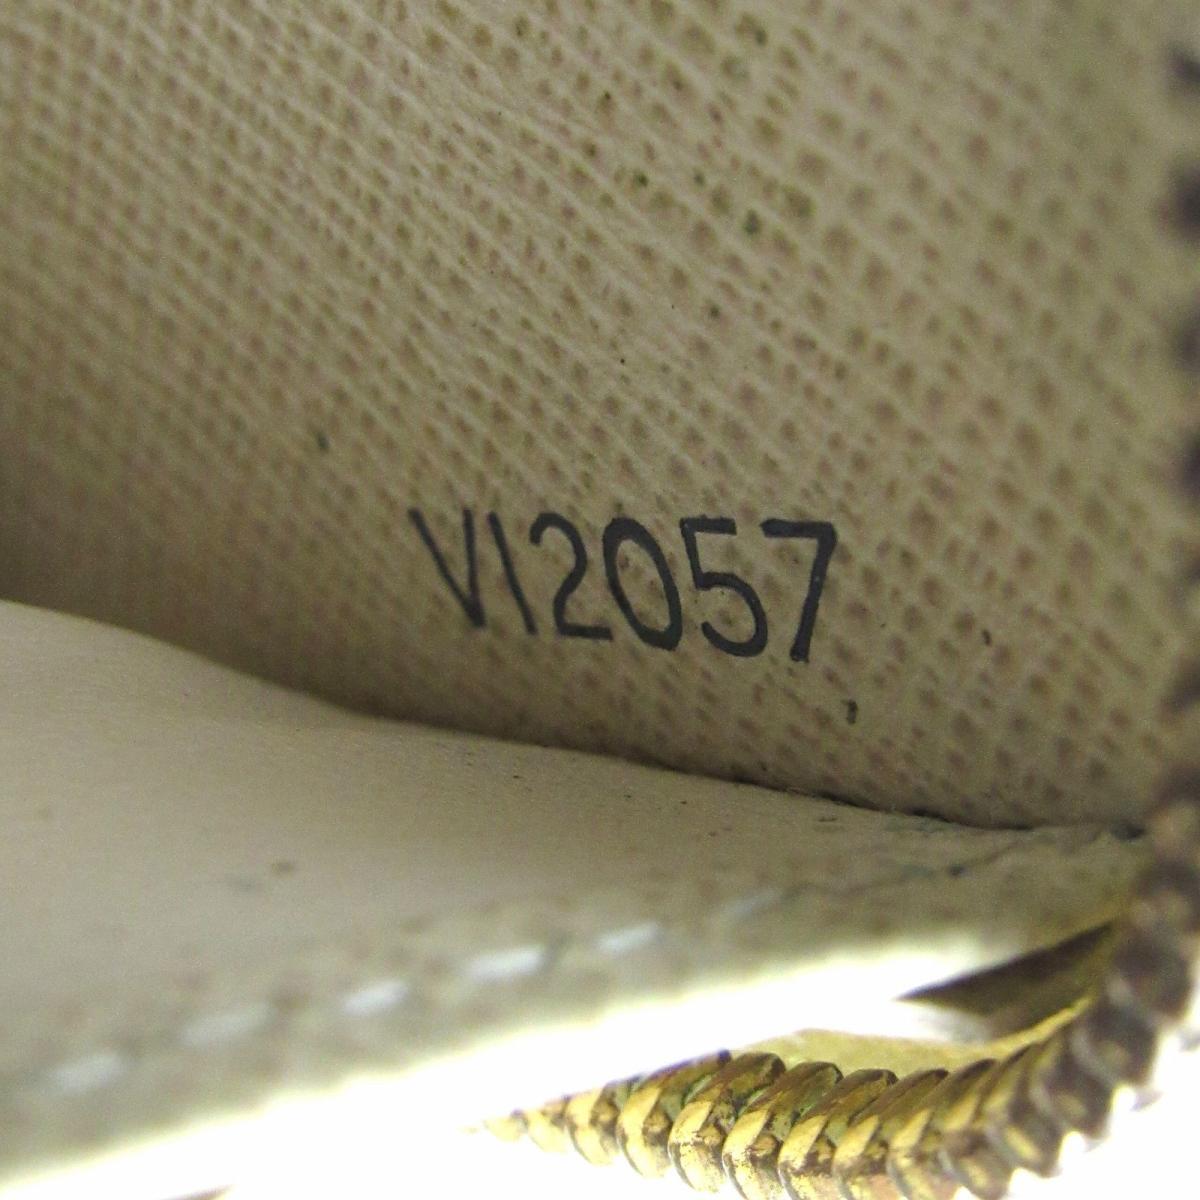 ルイヴィトン ジッピー・ウォレット ラウンド長財布 財布 メンズ レディース ダミエ・アズールN60019LOUIS VUITTON BRANDOFF ブランドオフ ヴィトン ビトン ルイ・ヴィトン ブランド ブランド財布 レディース財布 サイフEDHIW92